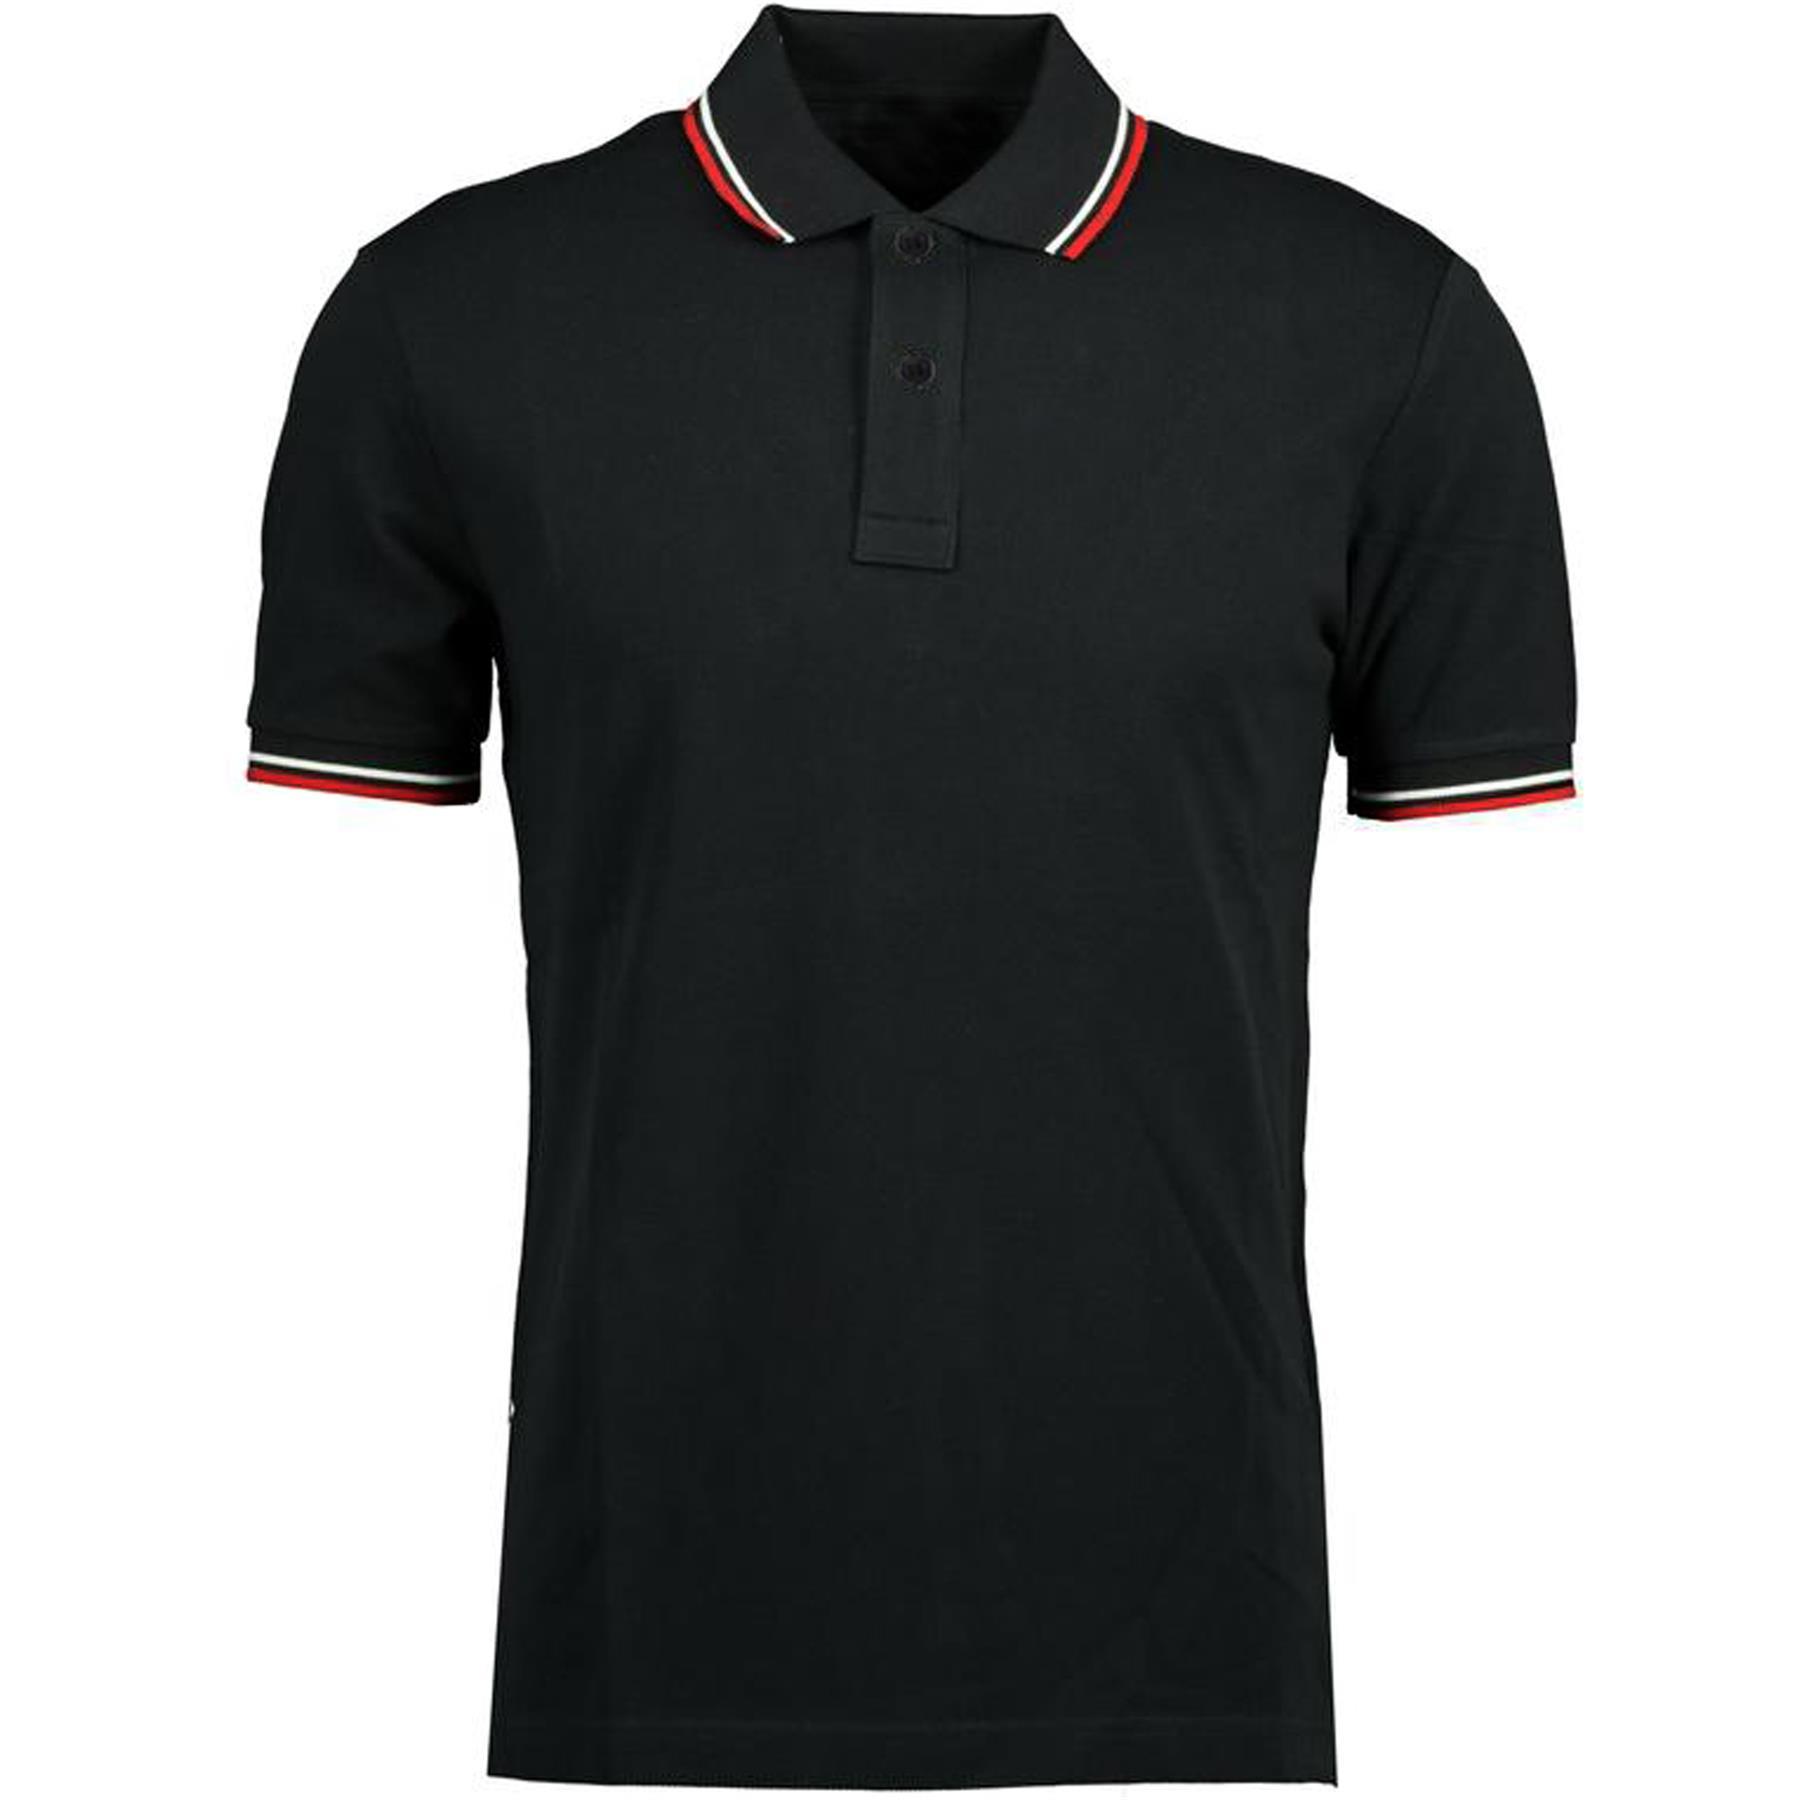 Indexbild 68 - Herren Polohemd Freizeit T-Shirts Neu Schlicht Kurzärmeliges Regular Fit